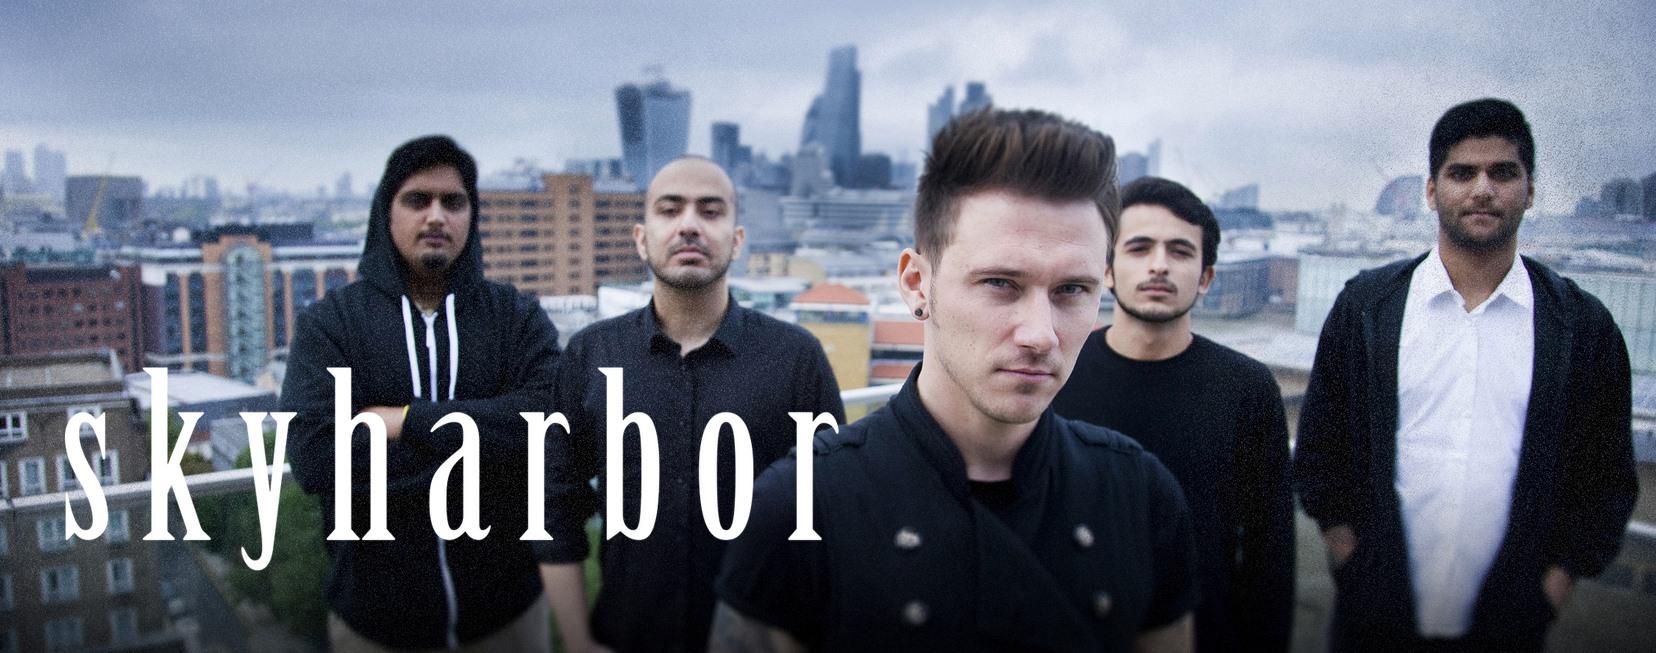 Skyharbor-2014.jpg